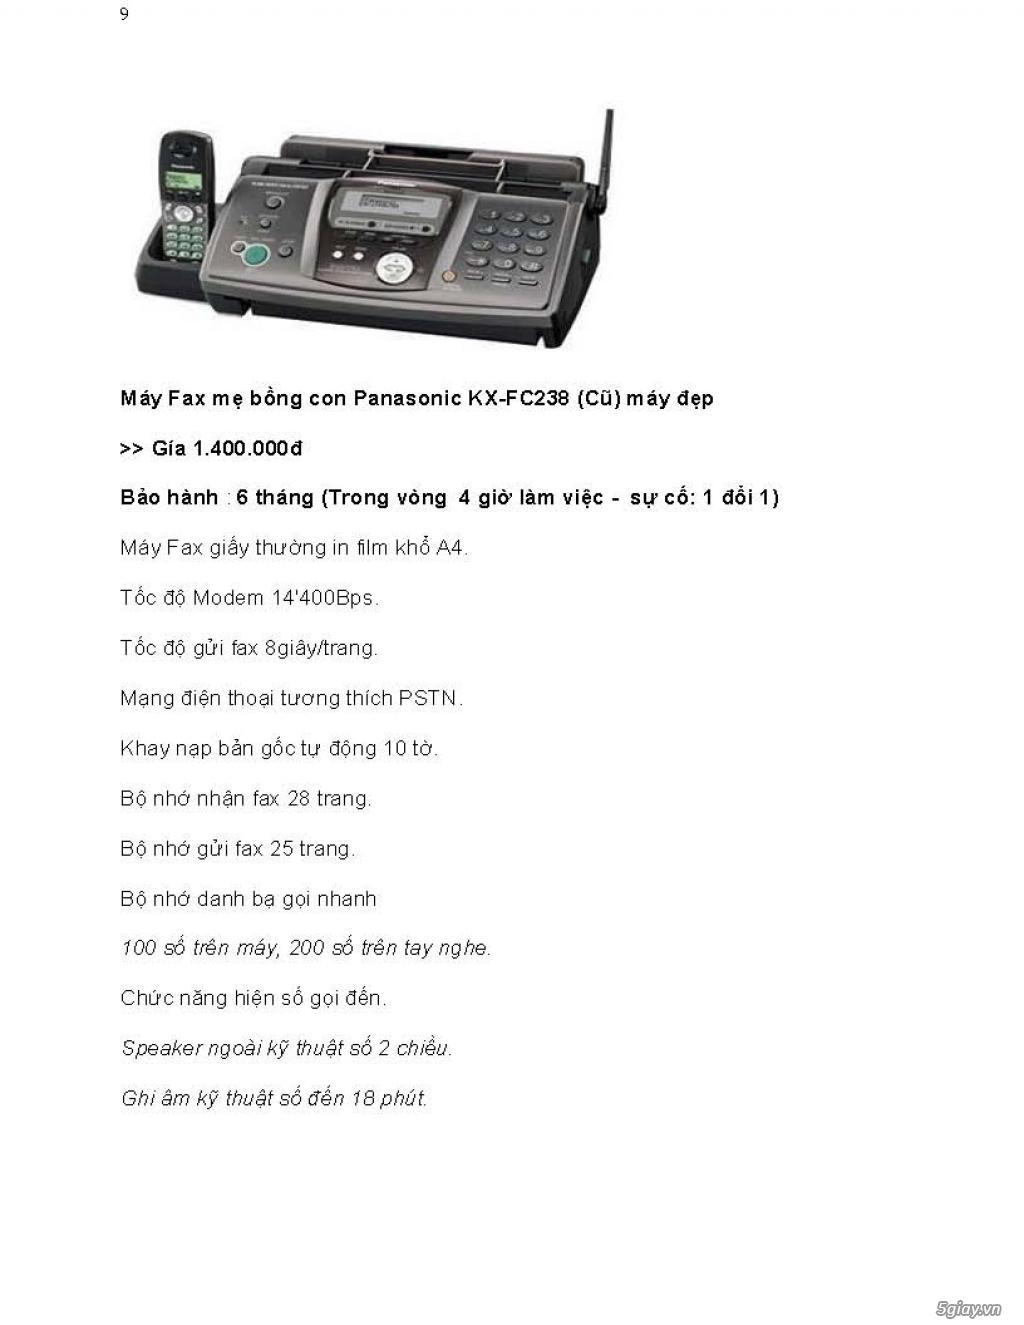 Sửa chữa Bộ Đàm,Máy Fax,Tổng Đài - 18